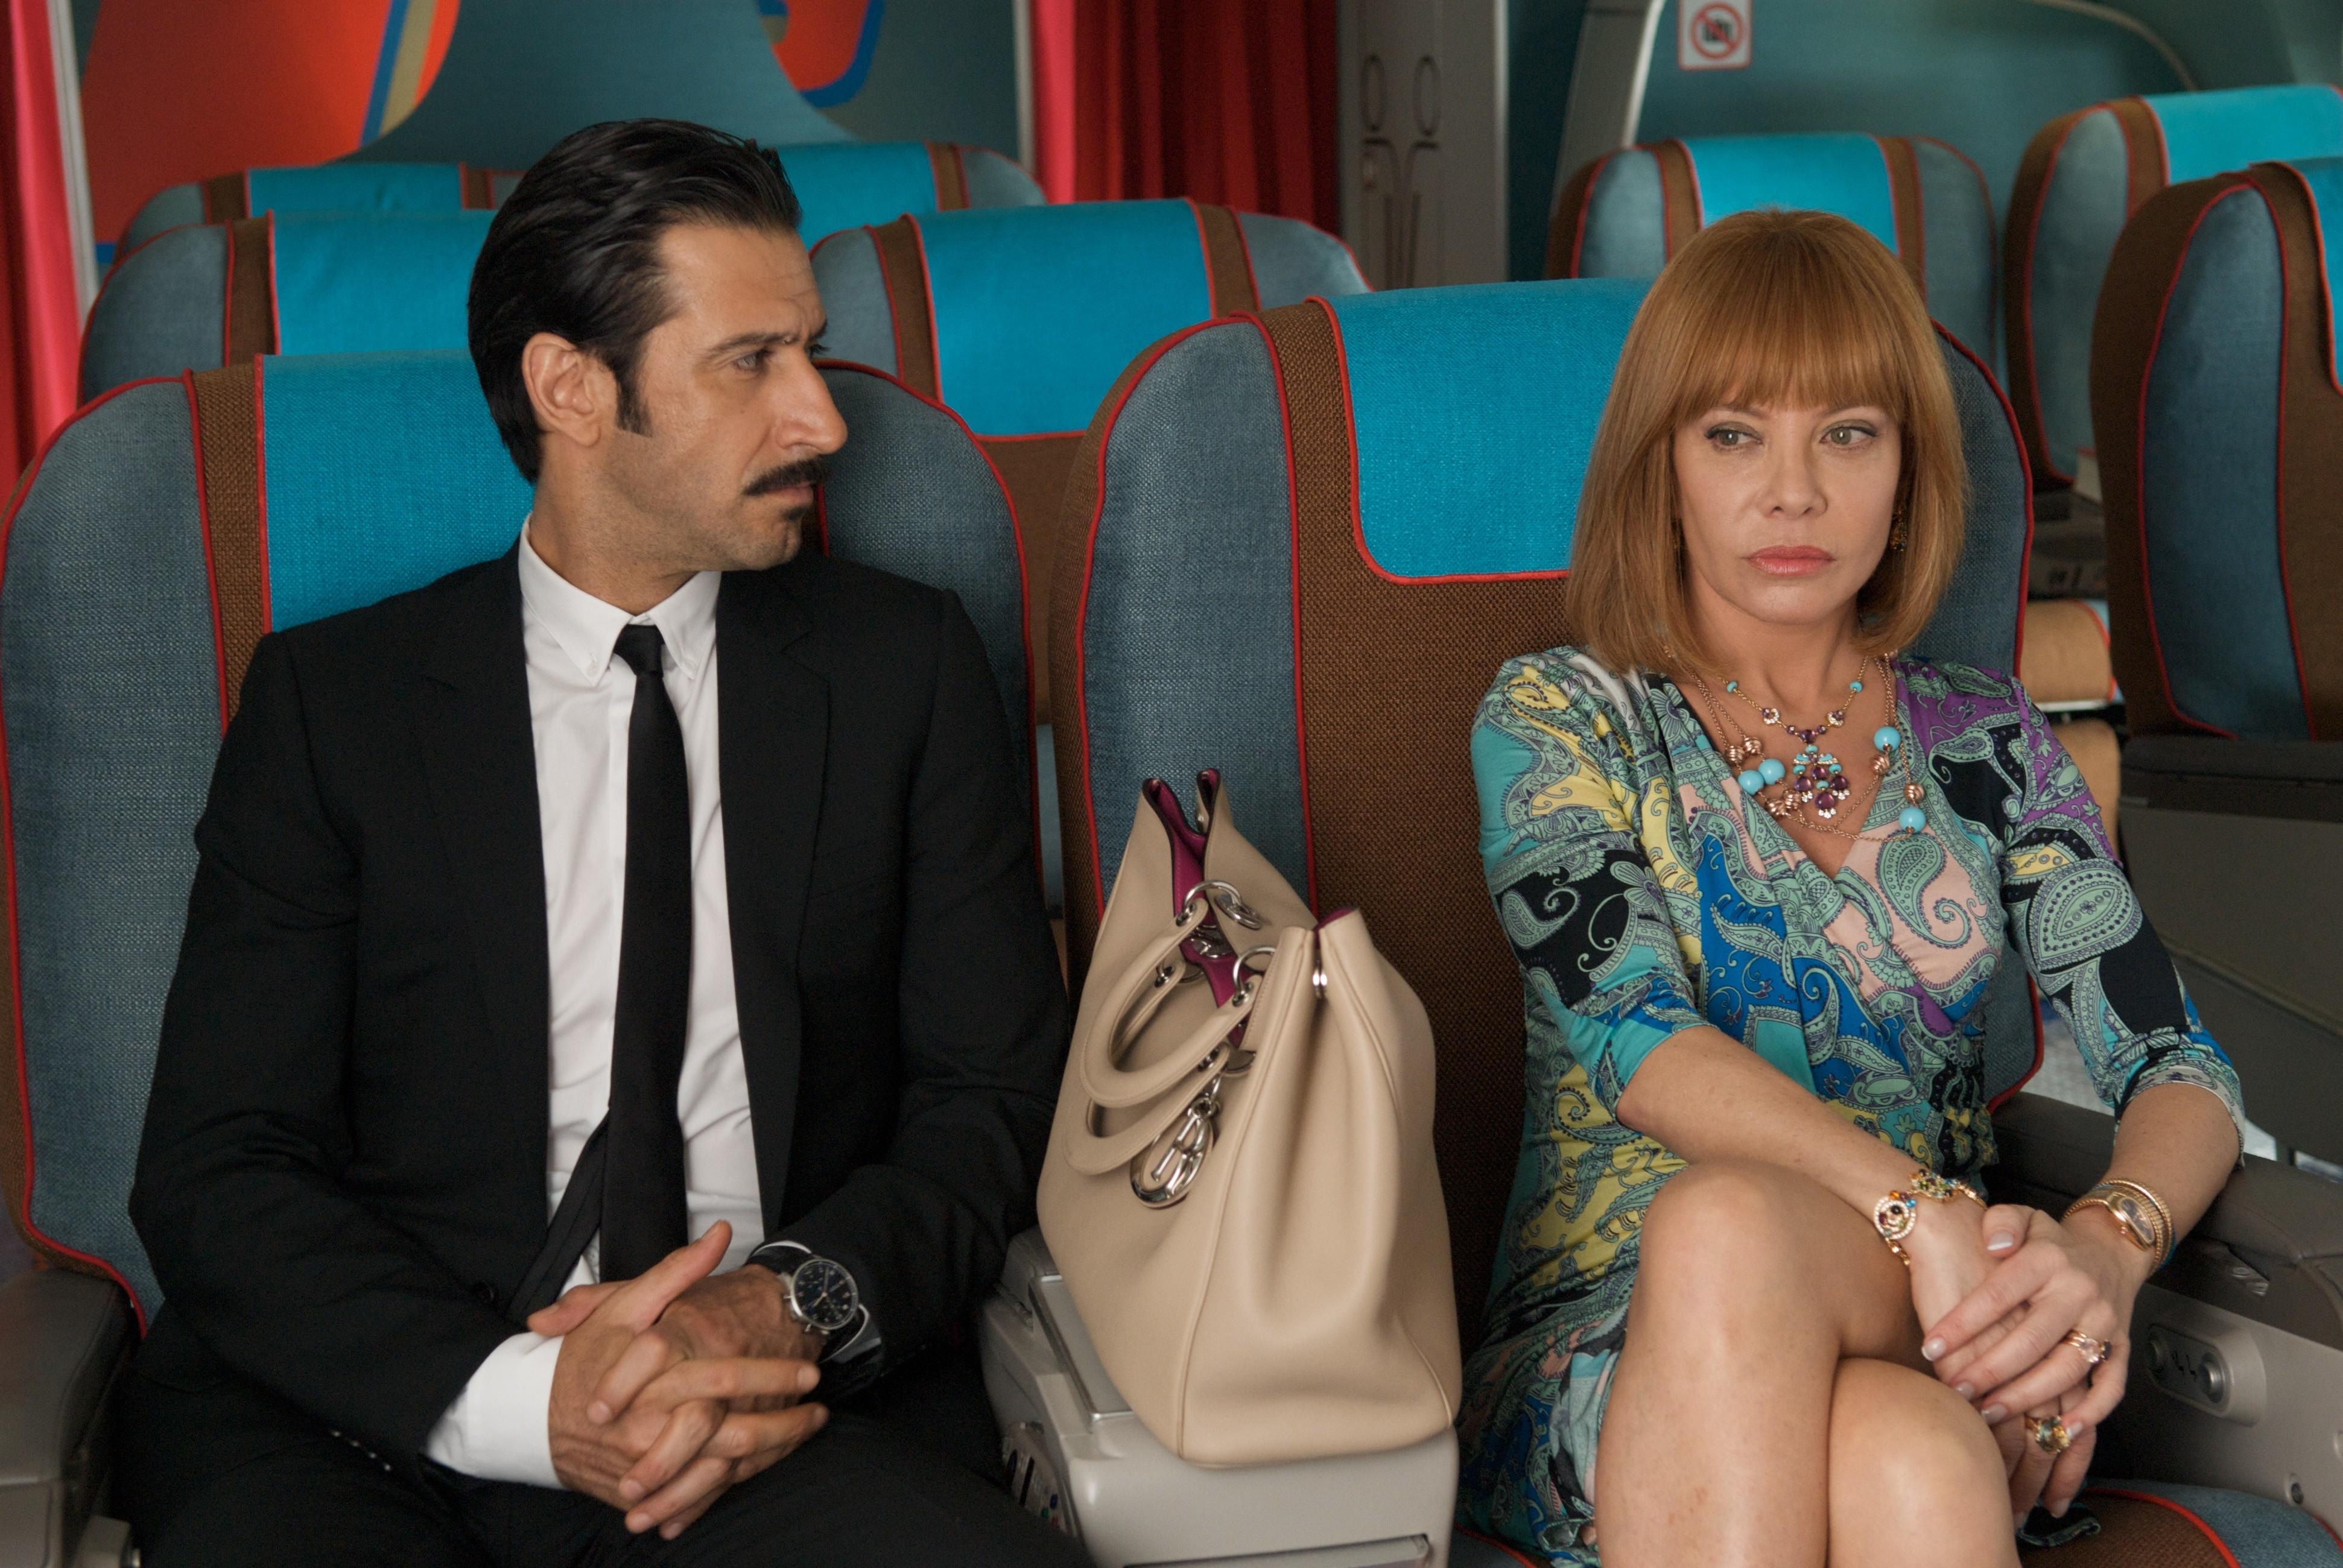 кадры из фильма Я очень возбужден Хосе Мария Яспик, Сесилия Рот,